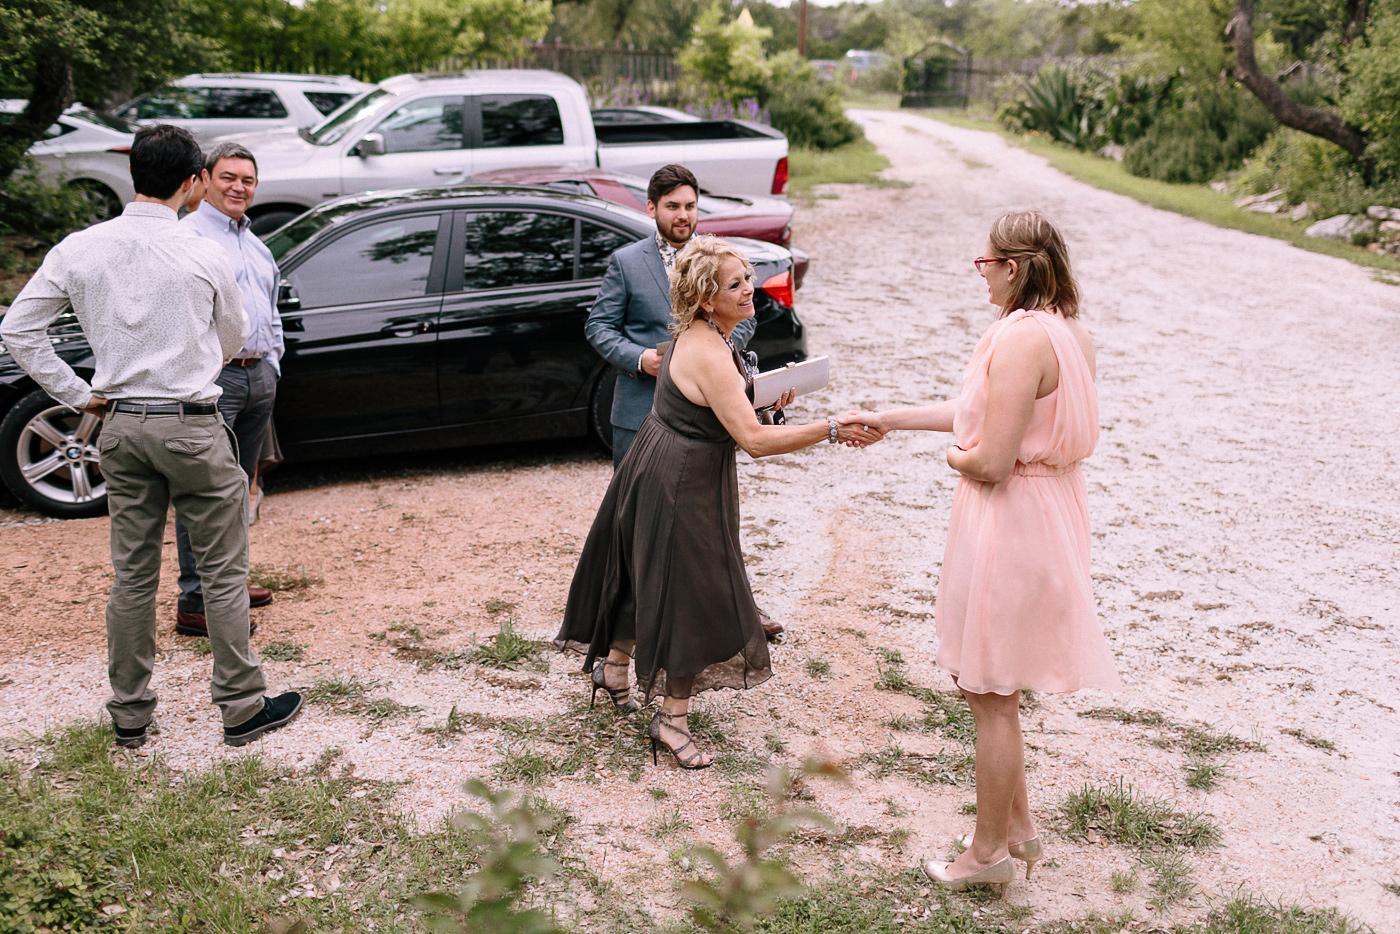 305-wimberley-texas-intimate-backyard-wedding.jpg